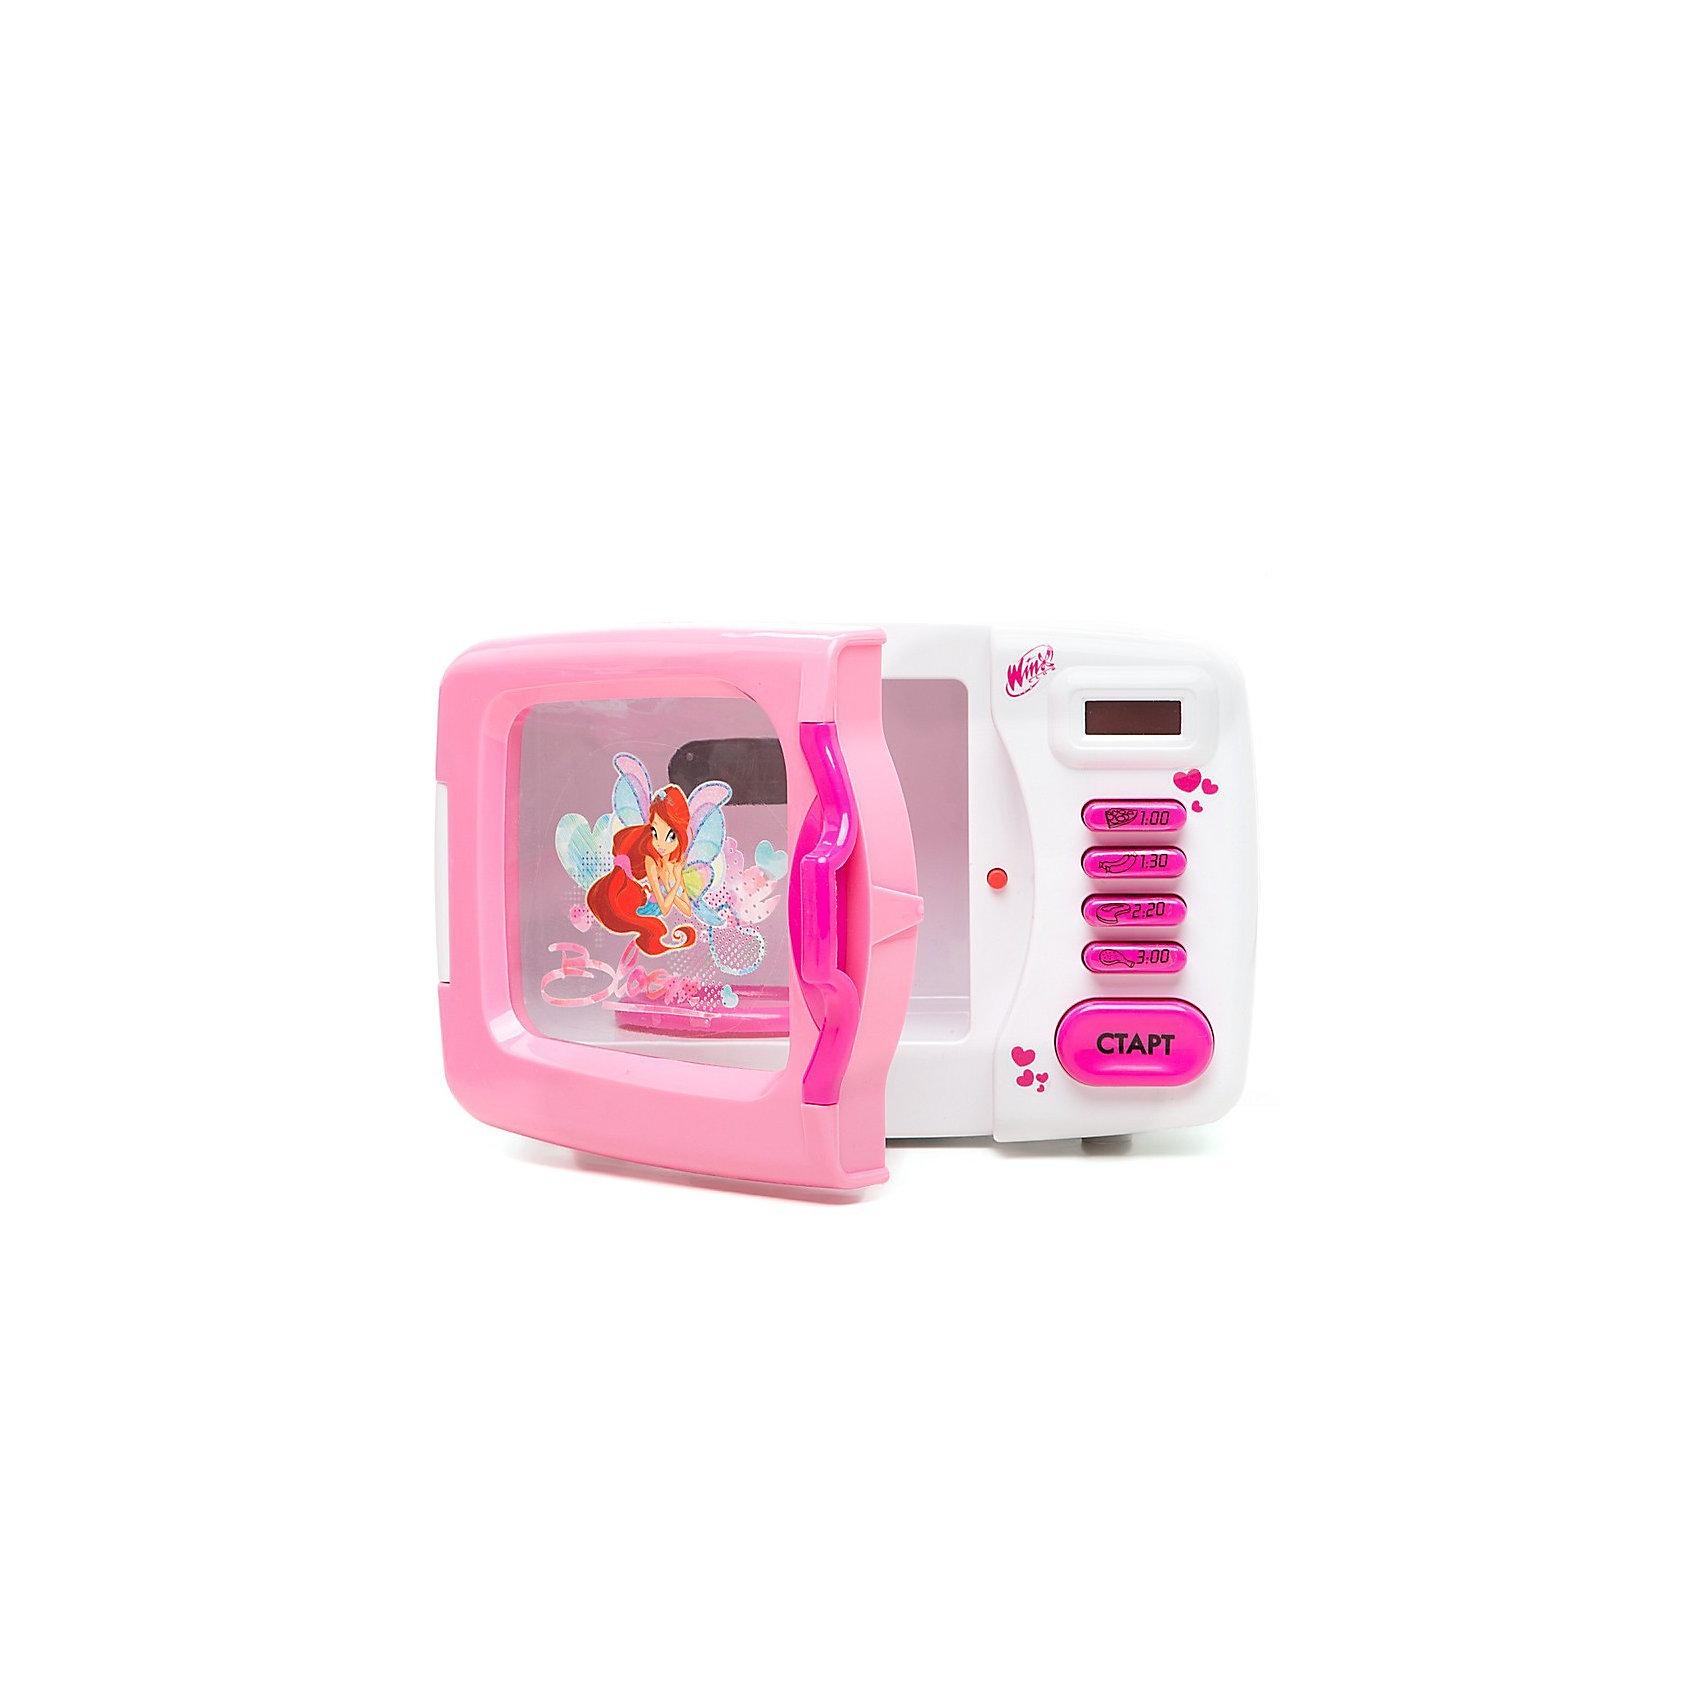 Микроволновая  печь,  Winx ClubМикроволновая  печь Winx Club - замечательная реалистичная игрушка, которая не оставит равнодушной ни одну девочку. Яркая игрушка выполнена в привлекательном для девочек дизайне по мотивам популярного мультсериала Winx Club и украшена изображениями волшебных фей Winx. В машинке имеется прозрачная дверца, внутри подставка для посуды, на корпусе размещены таймер и кнопочки для выбора программы для разных видов блюд. Девочка с удовольствием будет готовить новые блюда для своих любимых кукол и игрушек. Имеются световые и звуковые эффекты.<br><br>Дополнительная информация:<br><br>- Материал: пластик<br>- Требуются батарейки: 3 х АА (не входят в комплект).<br>- Размер игрушки: 22,5 х 15,5 х 13,5 см.<br>- Размер упаковки: 31 х 19 х 16 см.<br>- Вес:  0.8 кг.<br>- Серия: Winx (Винкс) - Школа Волшебниц<br><br>Микроволновую печь Winx Club можно купить в нашем интернет-магазине.<br><br>Ширина мм: 310<br>Глубина мм: 160<br>Высота мм: 190<br>Вес г: 1300<br>Возраст от месяцев: 36<br>Возраст до месяцев: 84<br>Пол: Женский<br>Возраст: Детский<br>SKU: 3644045